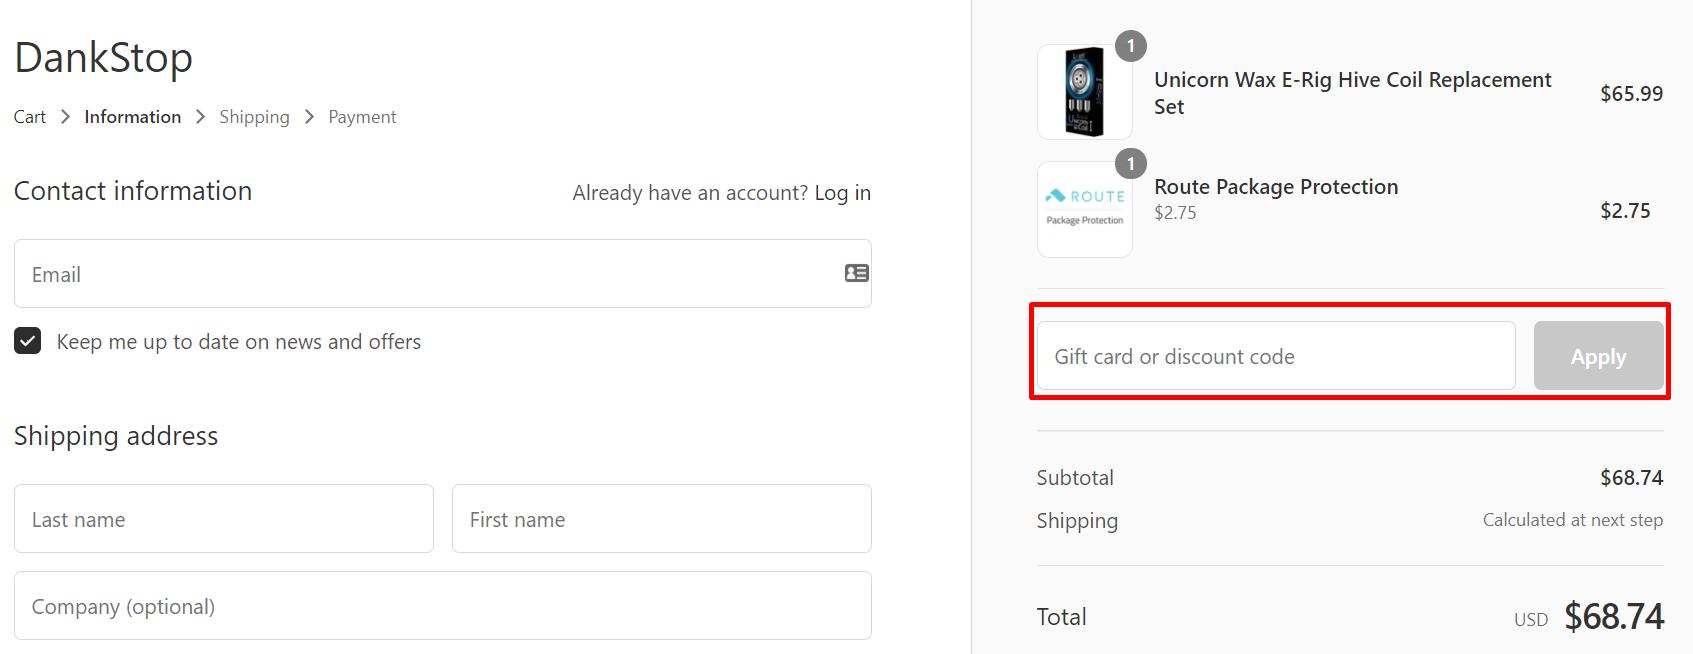 How do I use my DankStop discount code?